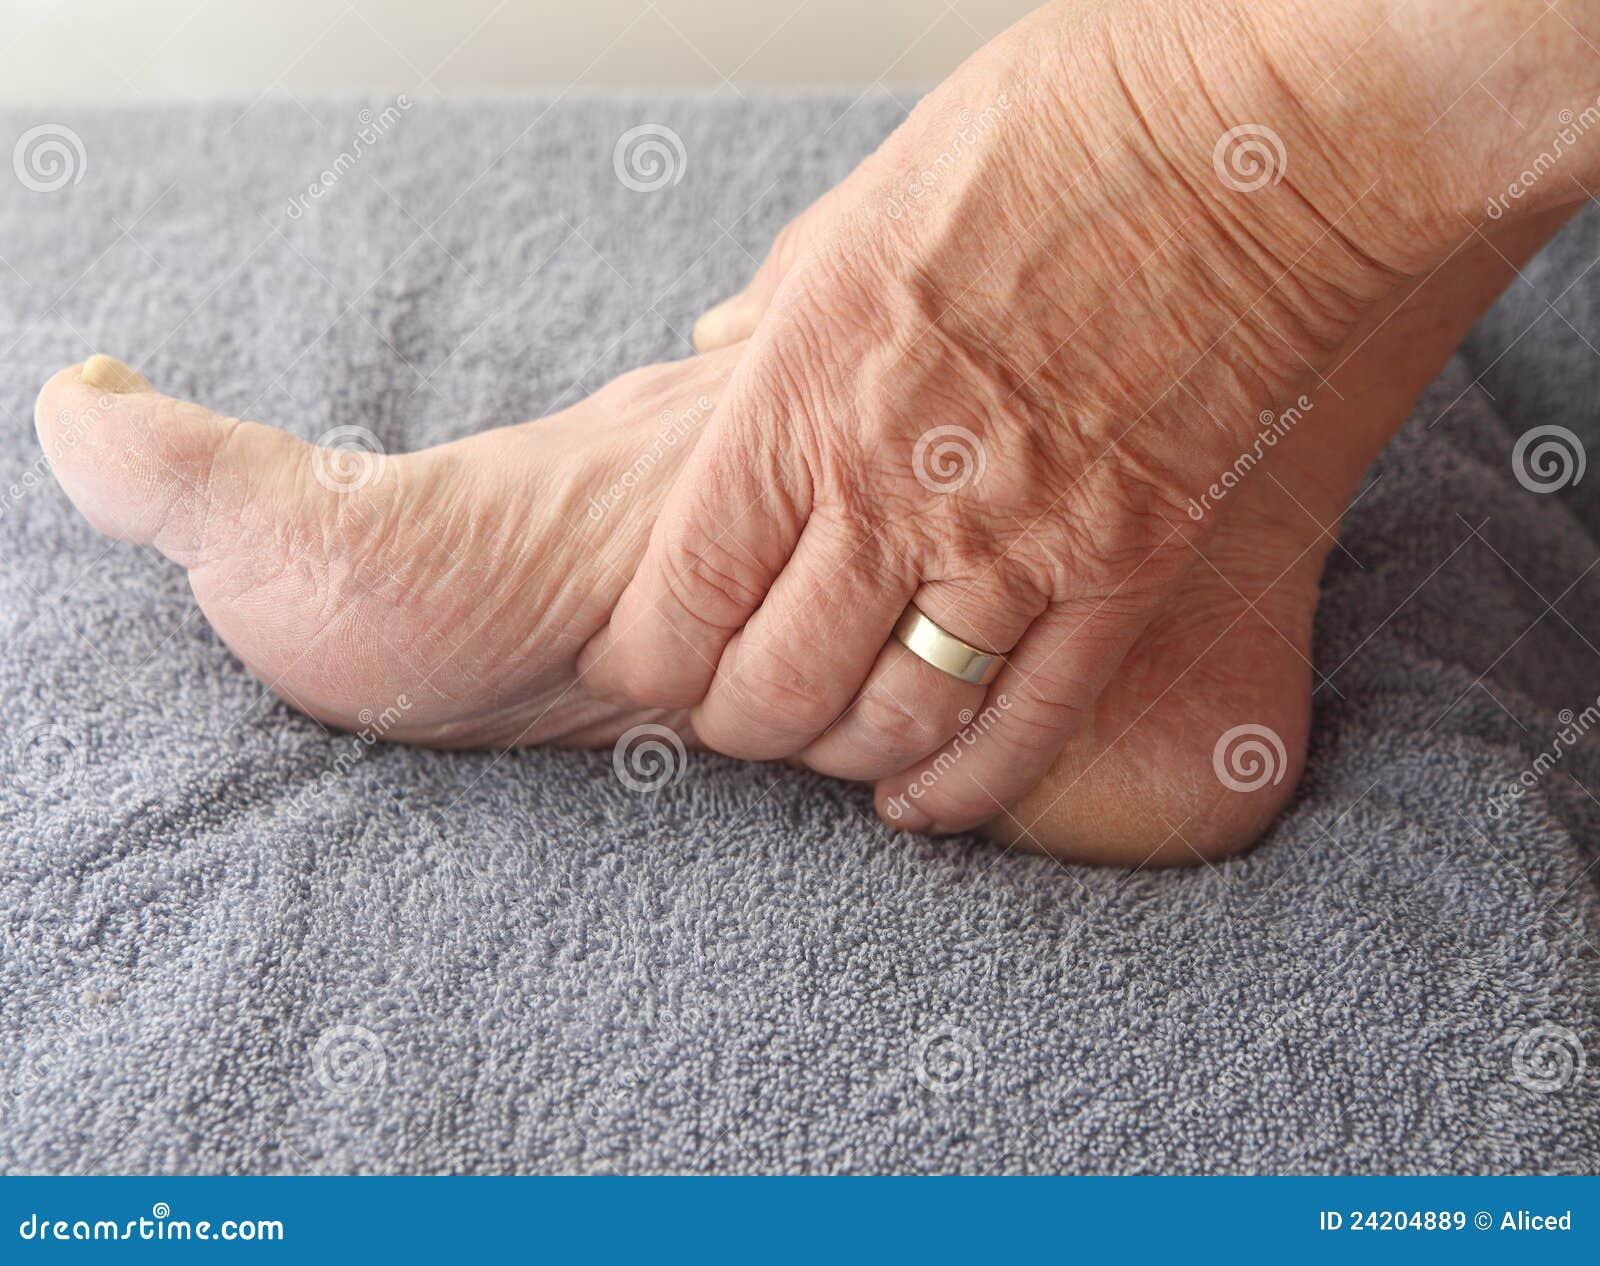 Вены на ногах целлюлитный массаж делают